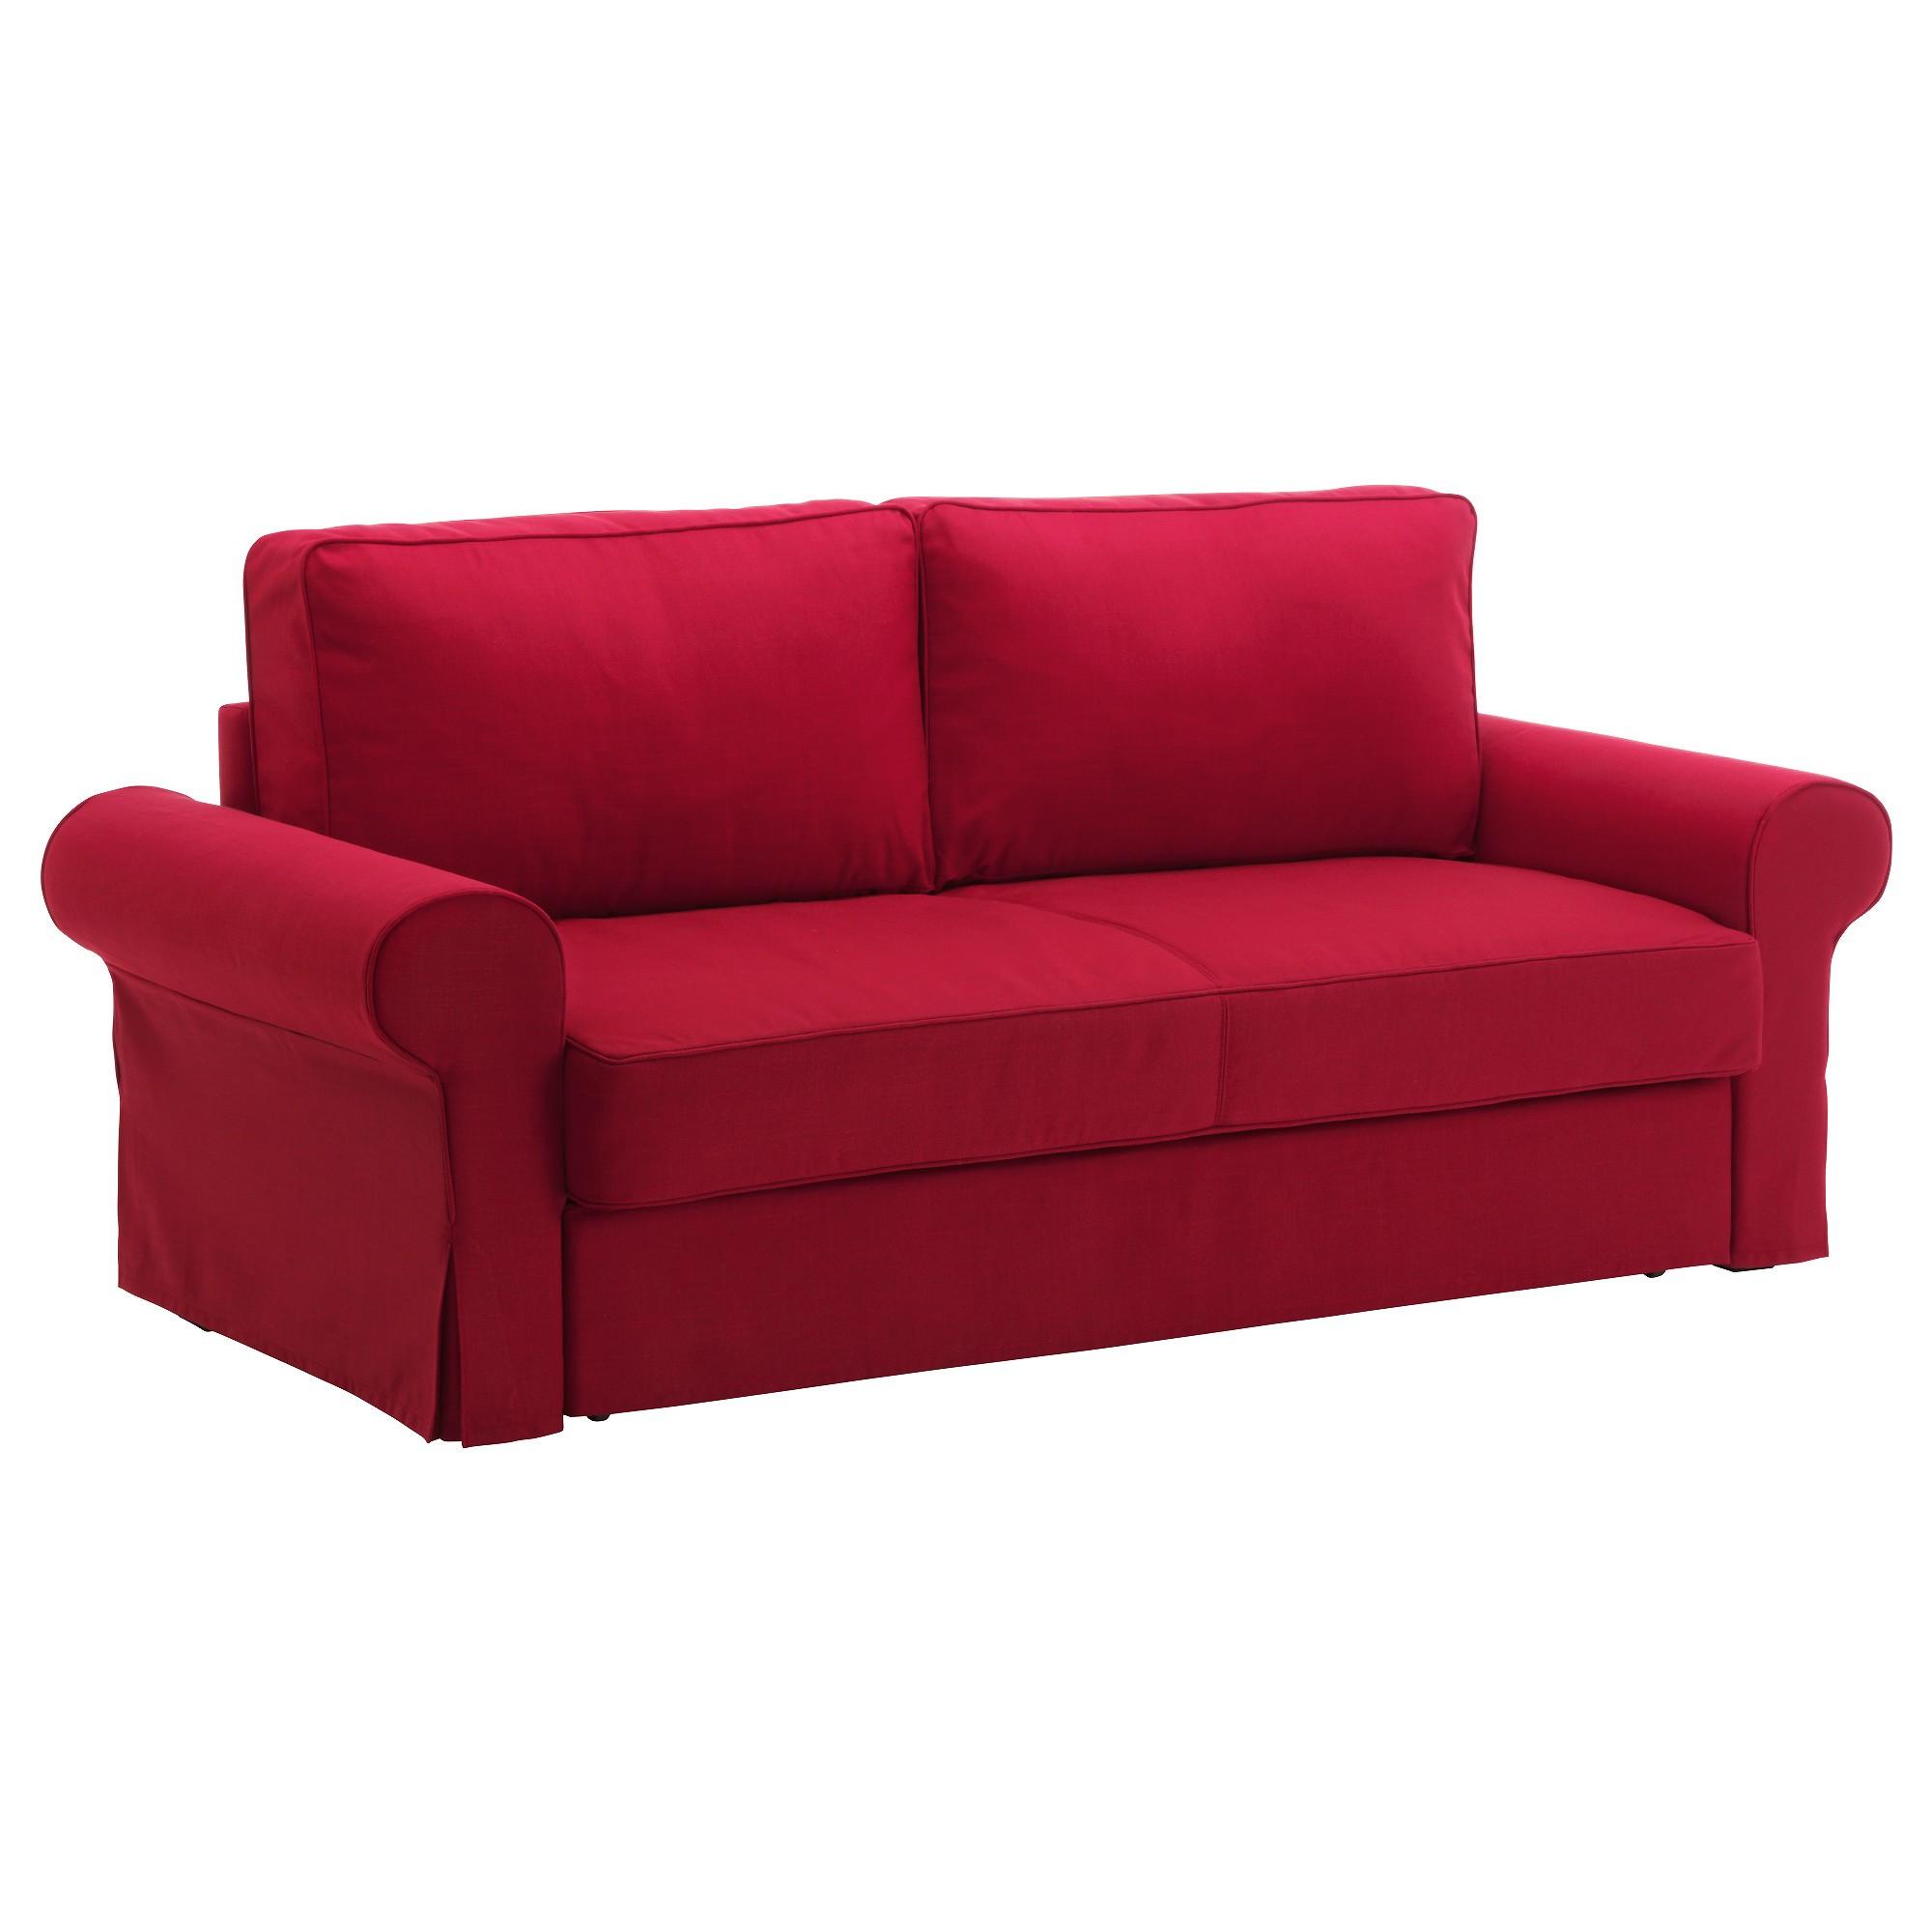 Housse Pour Ikea Ektorp Canapé Convertible 2 Places